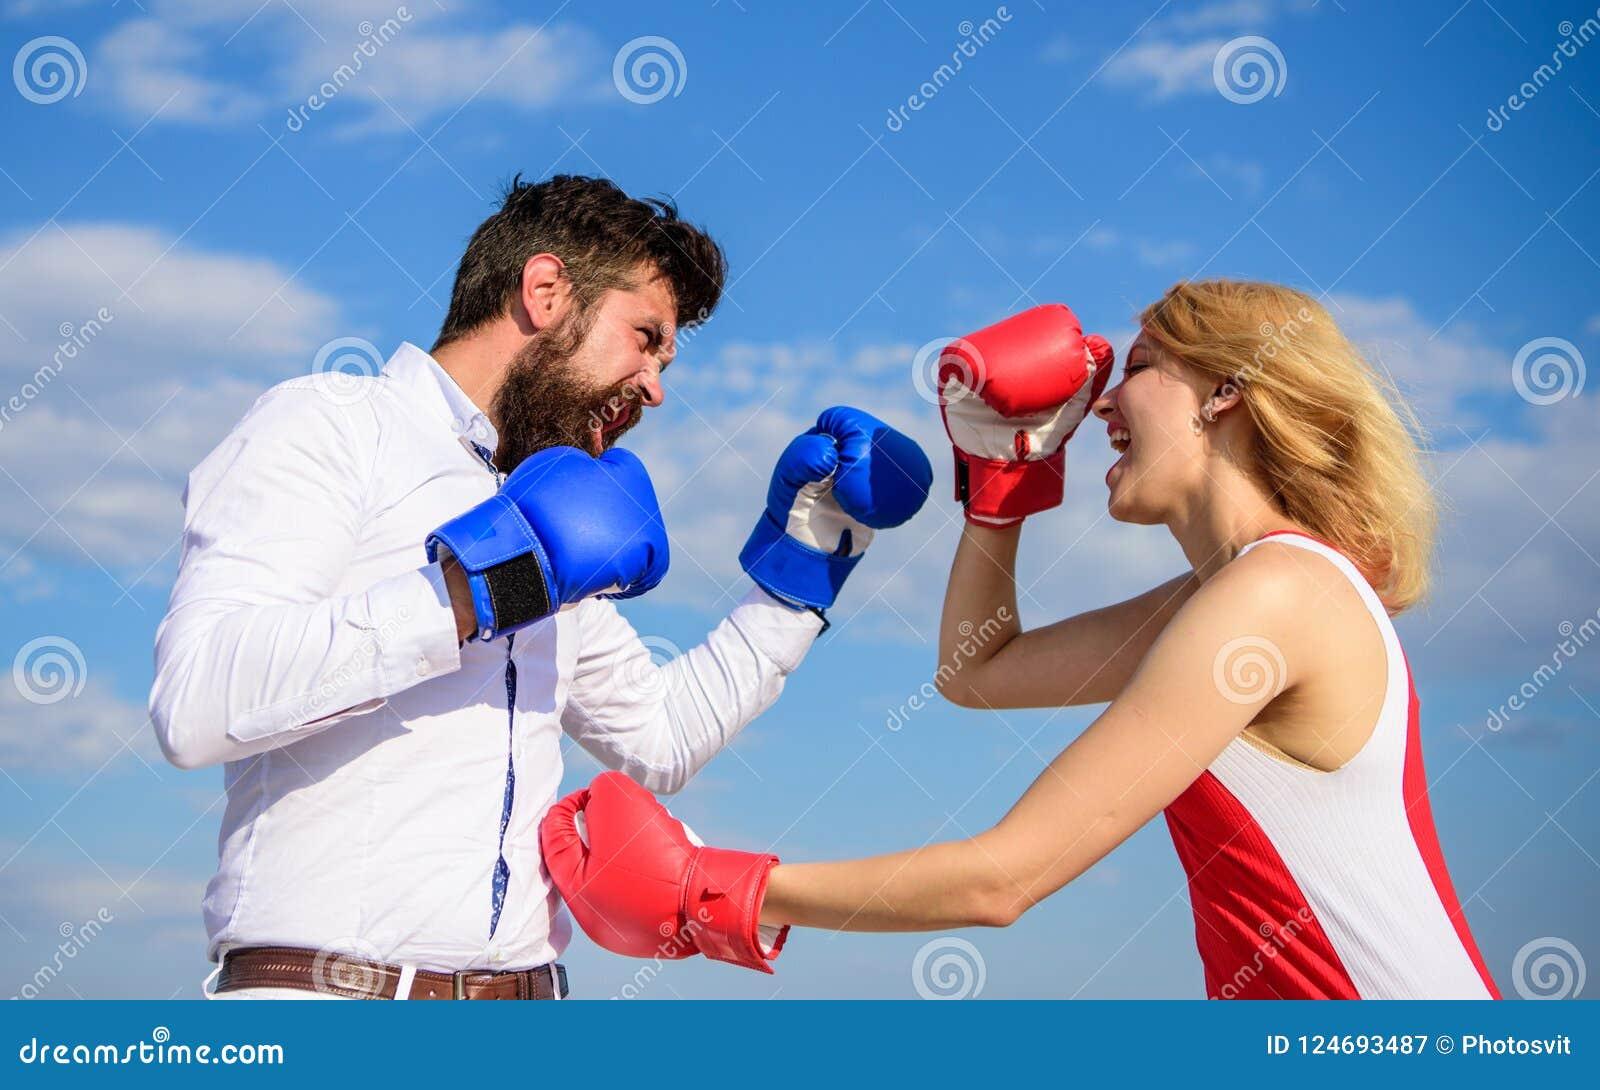 Υπόβαθρο μπλε ουρανού εγκιβωτίζοντας γαντιών πάλης ανδρών και γυναικών Υπερασπίστε την άποψή σας στην αντιμετώπιση Ερωτευμένη πάλ